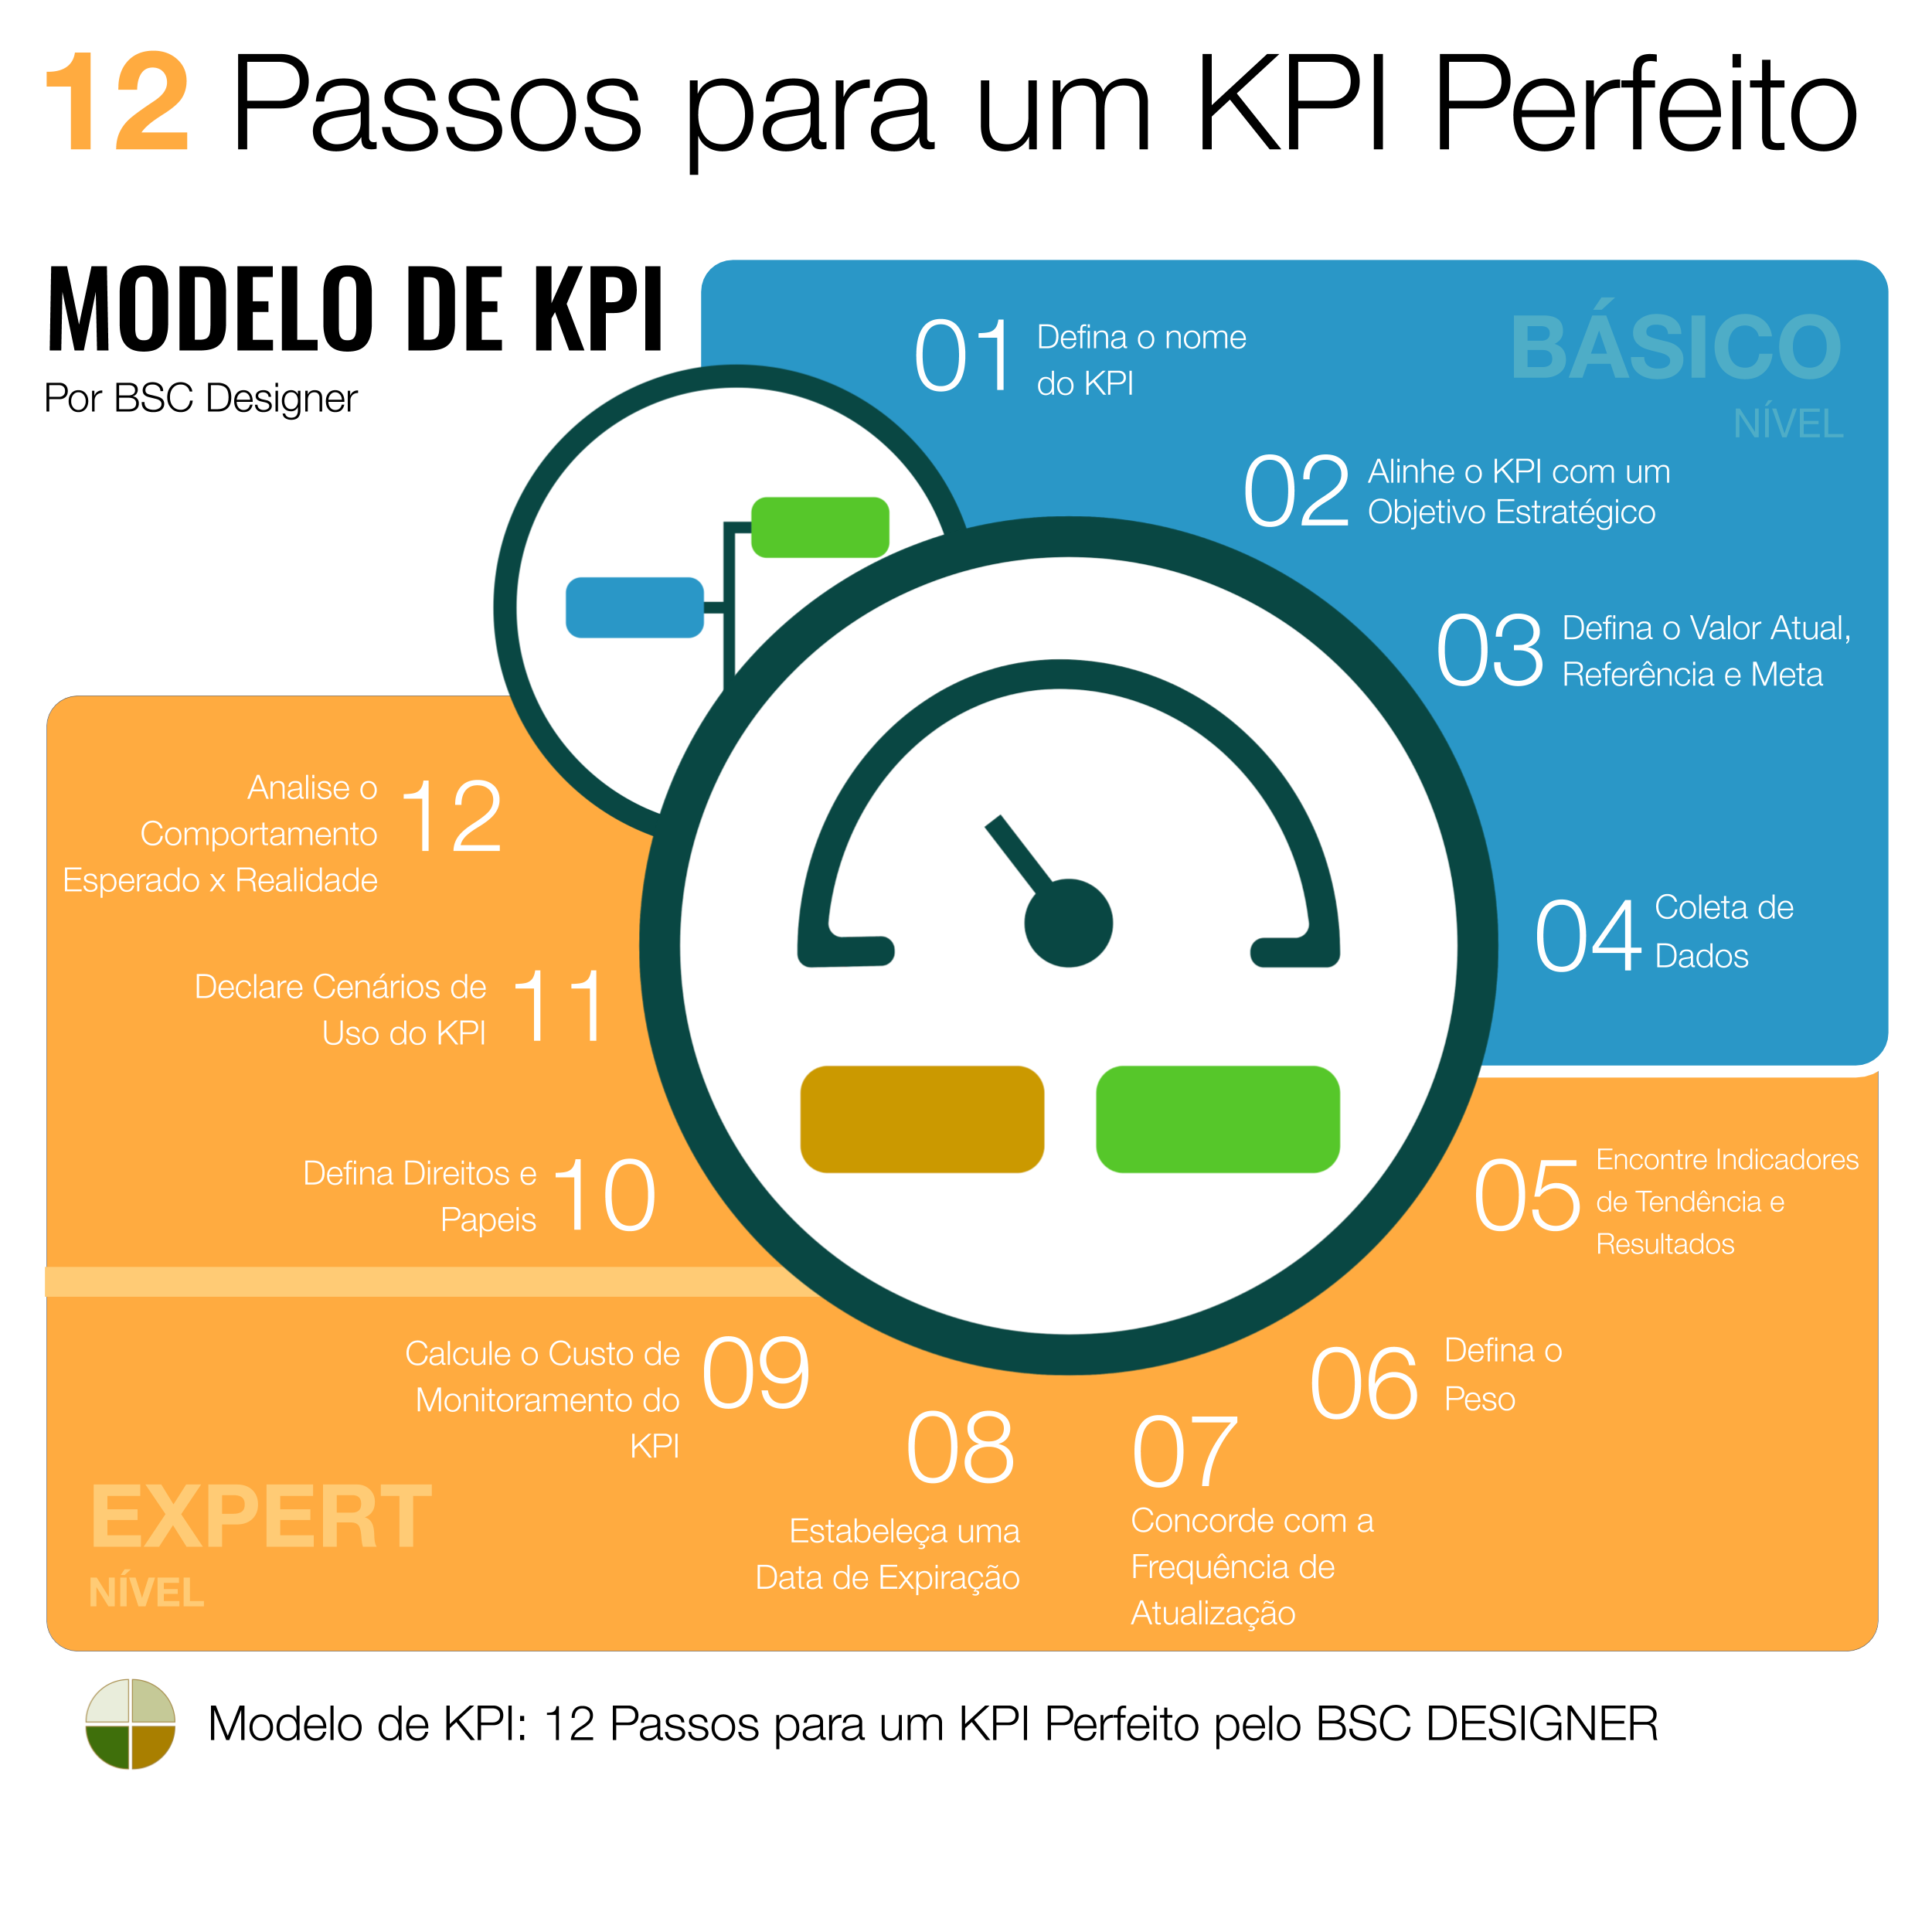 Modelo de KPI: 12 Passos Para um KPI Perfeito